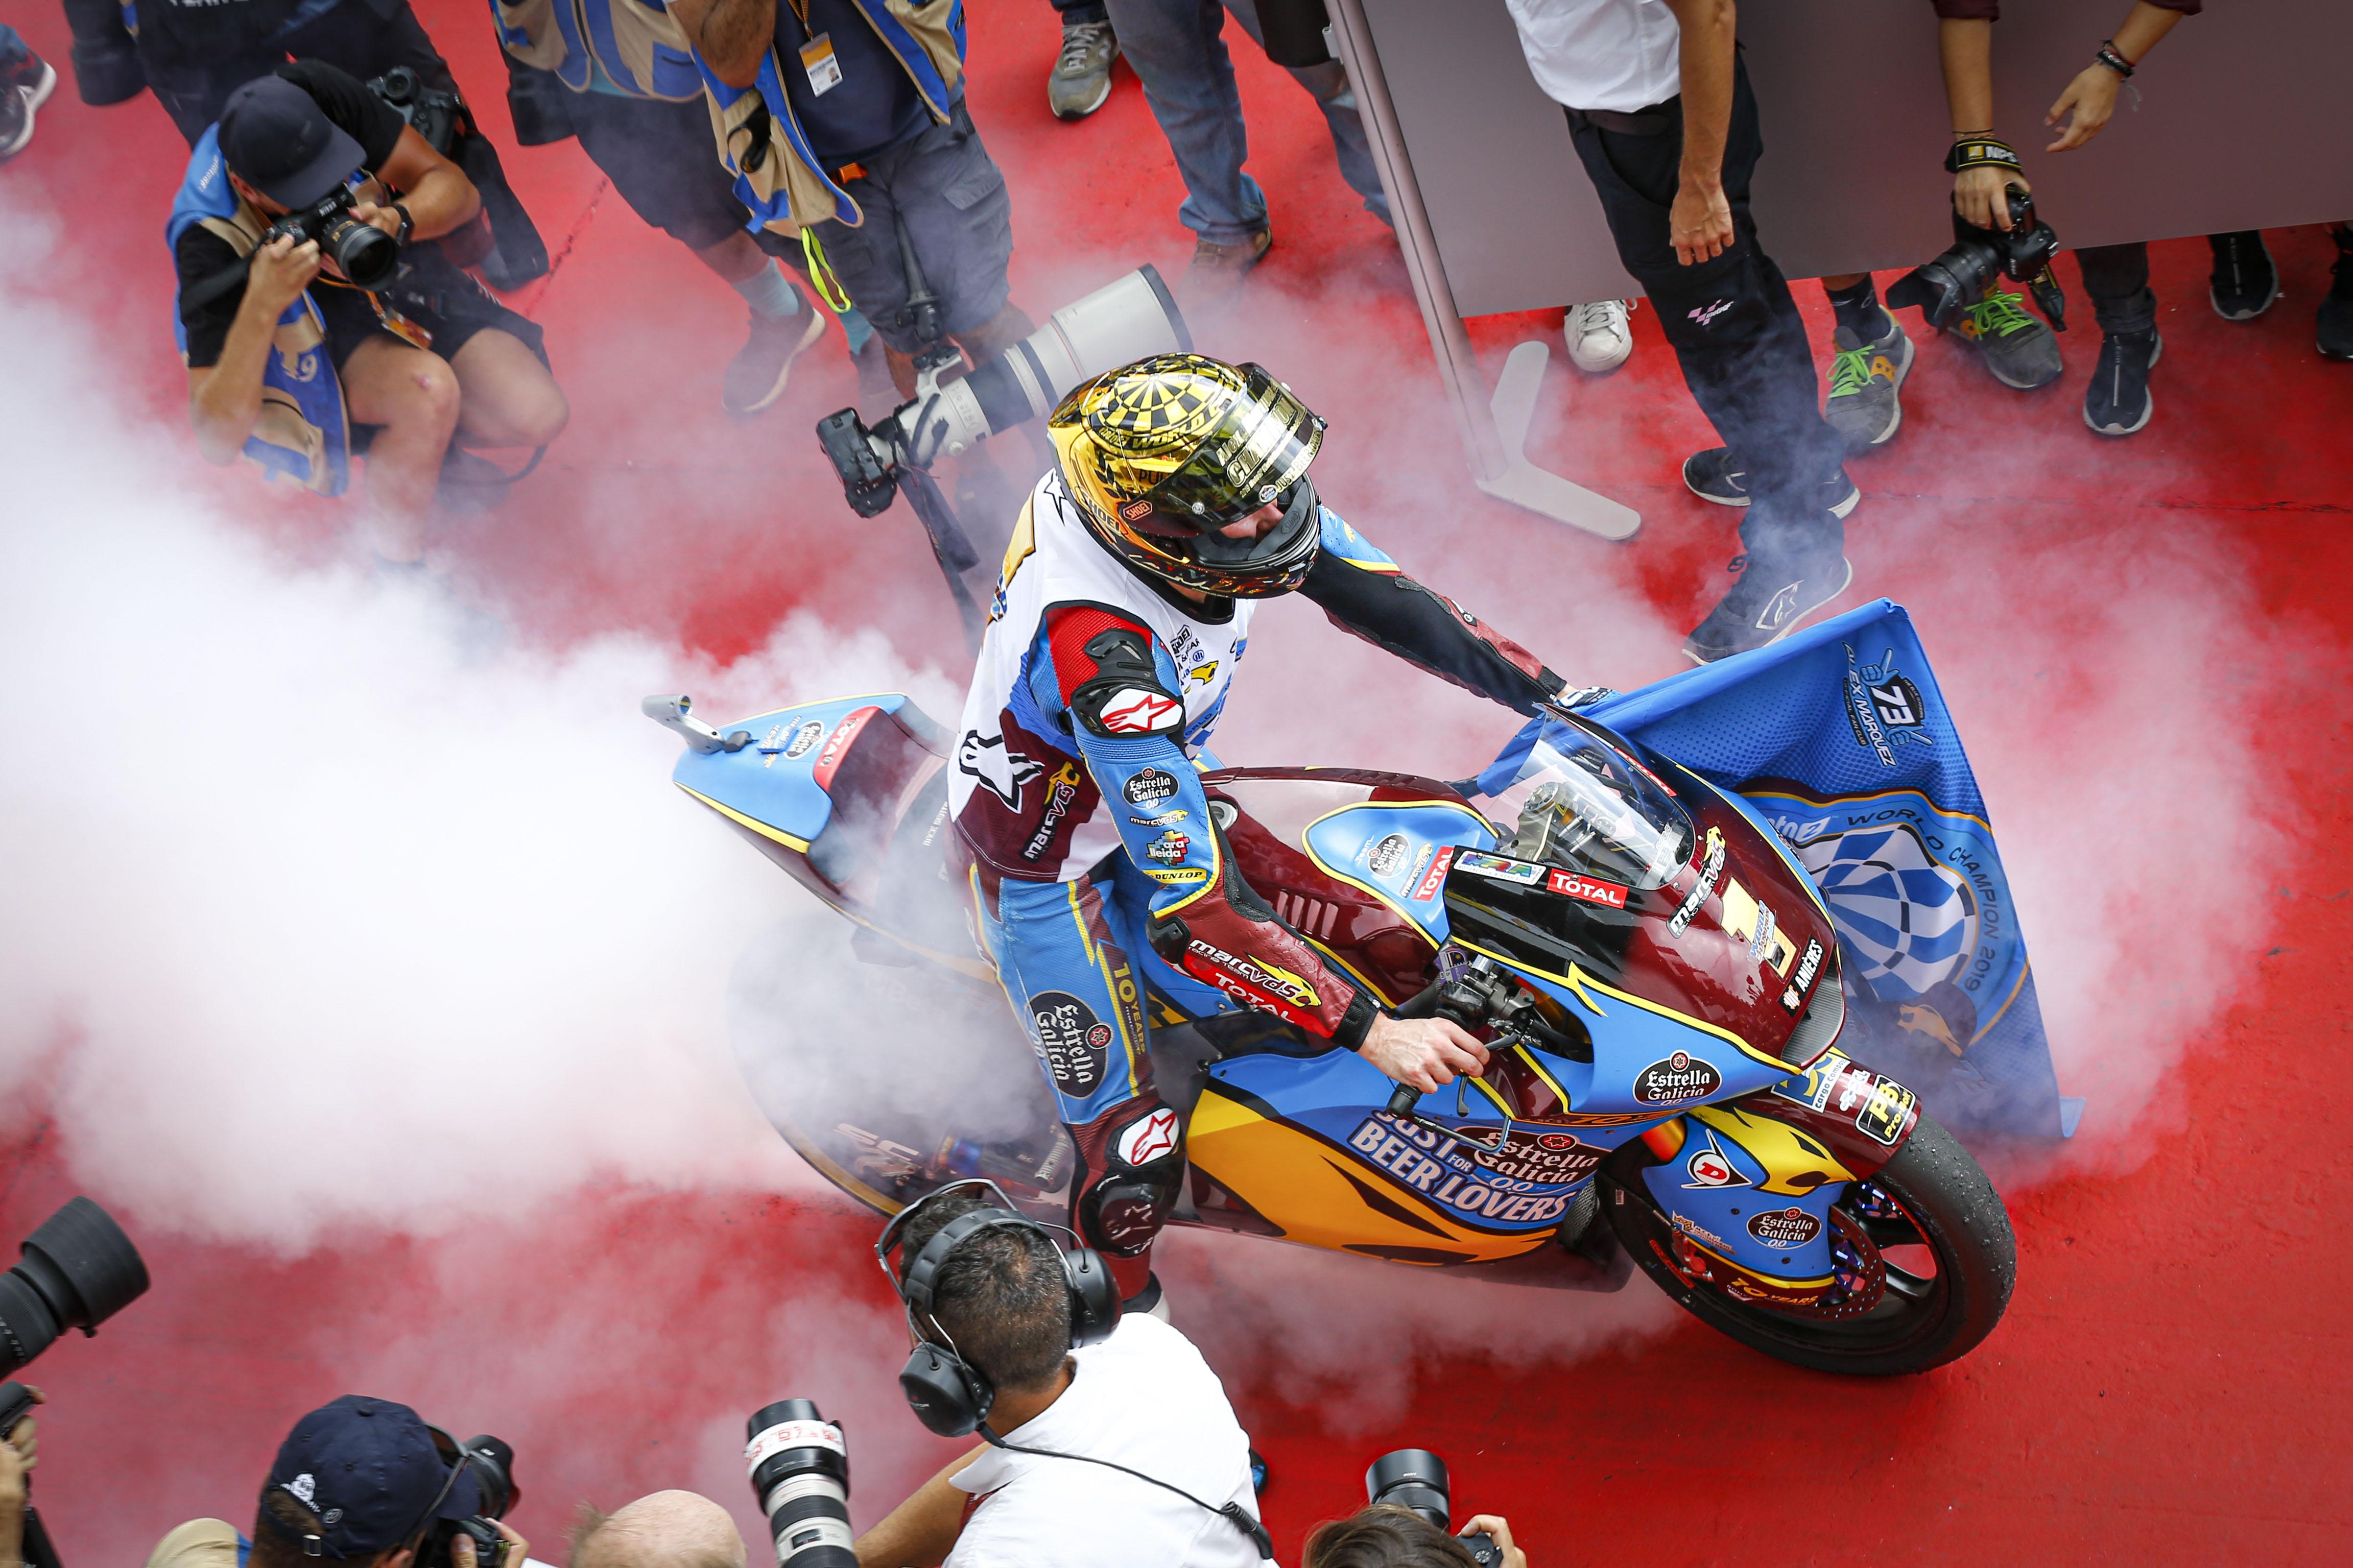 Alex Marquez wins Moto2 title 2019